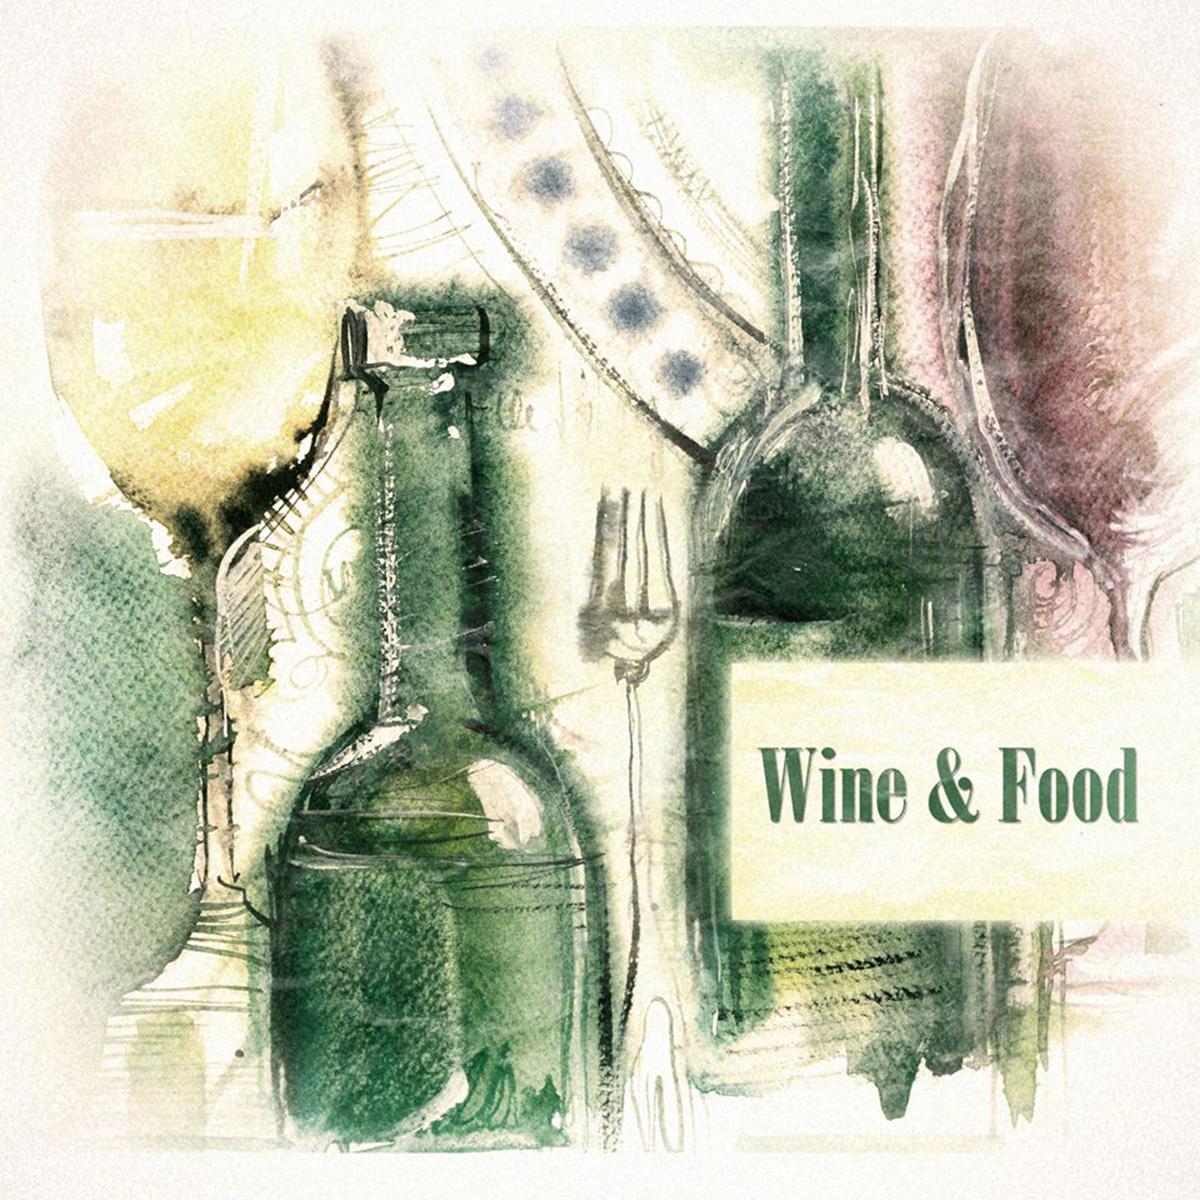 Дегустация «Вино и еда в Promenu»